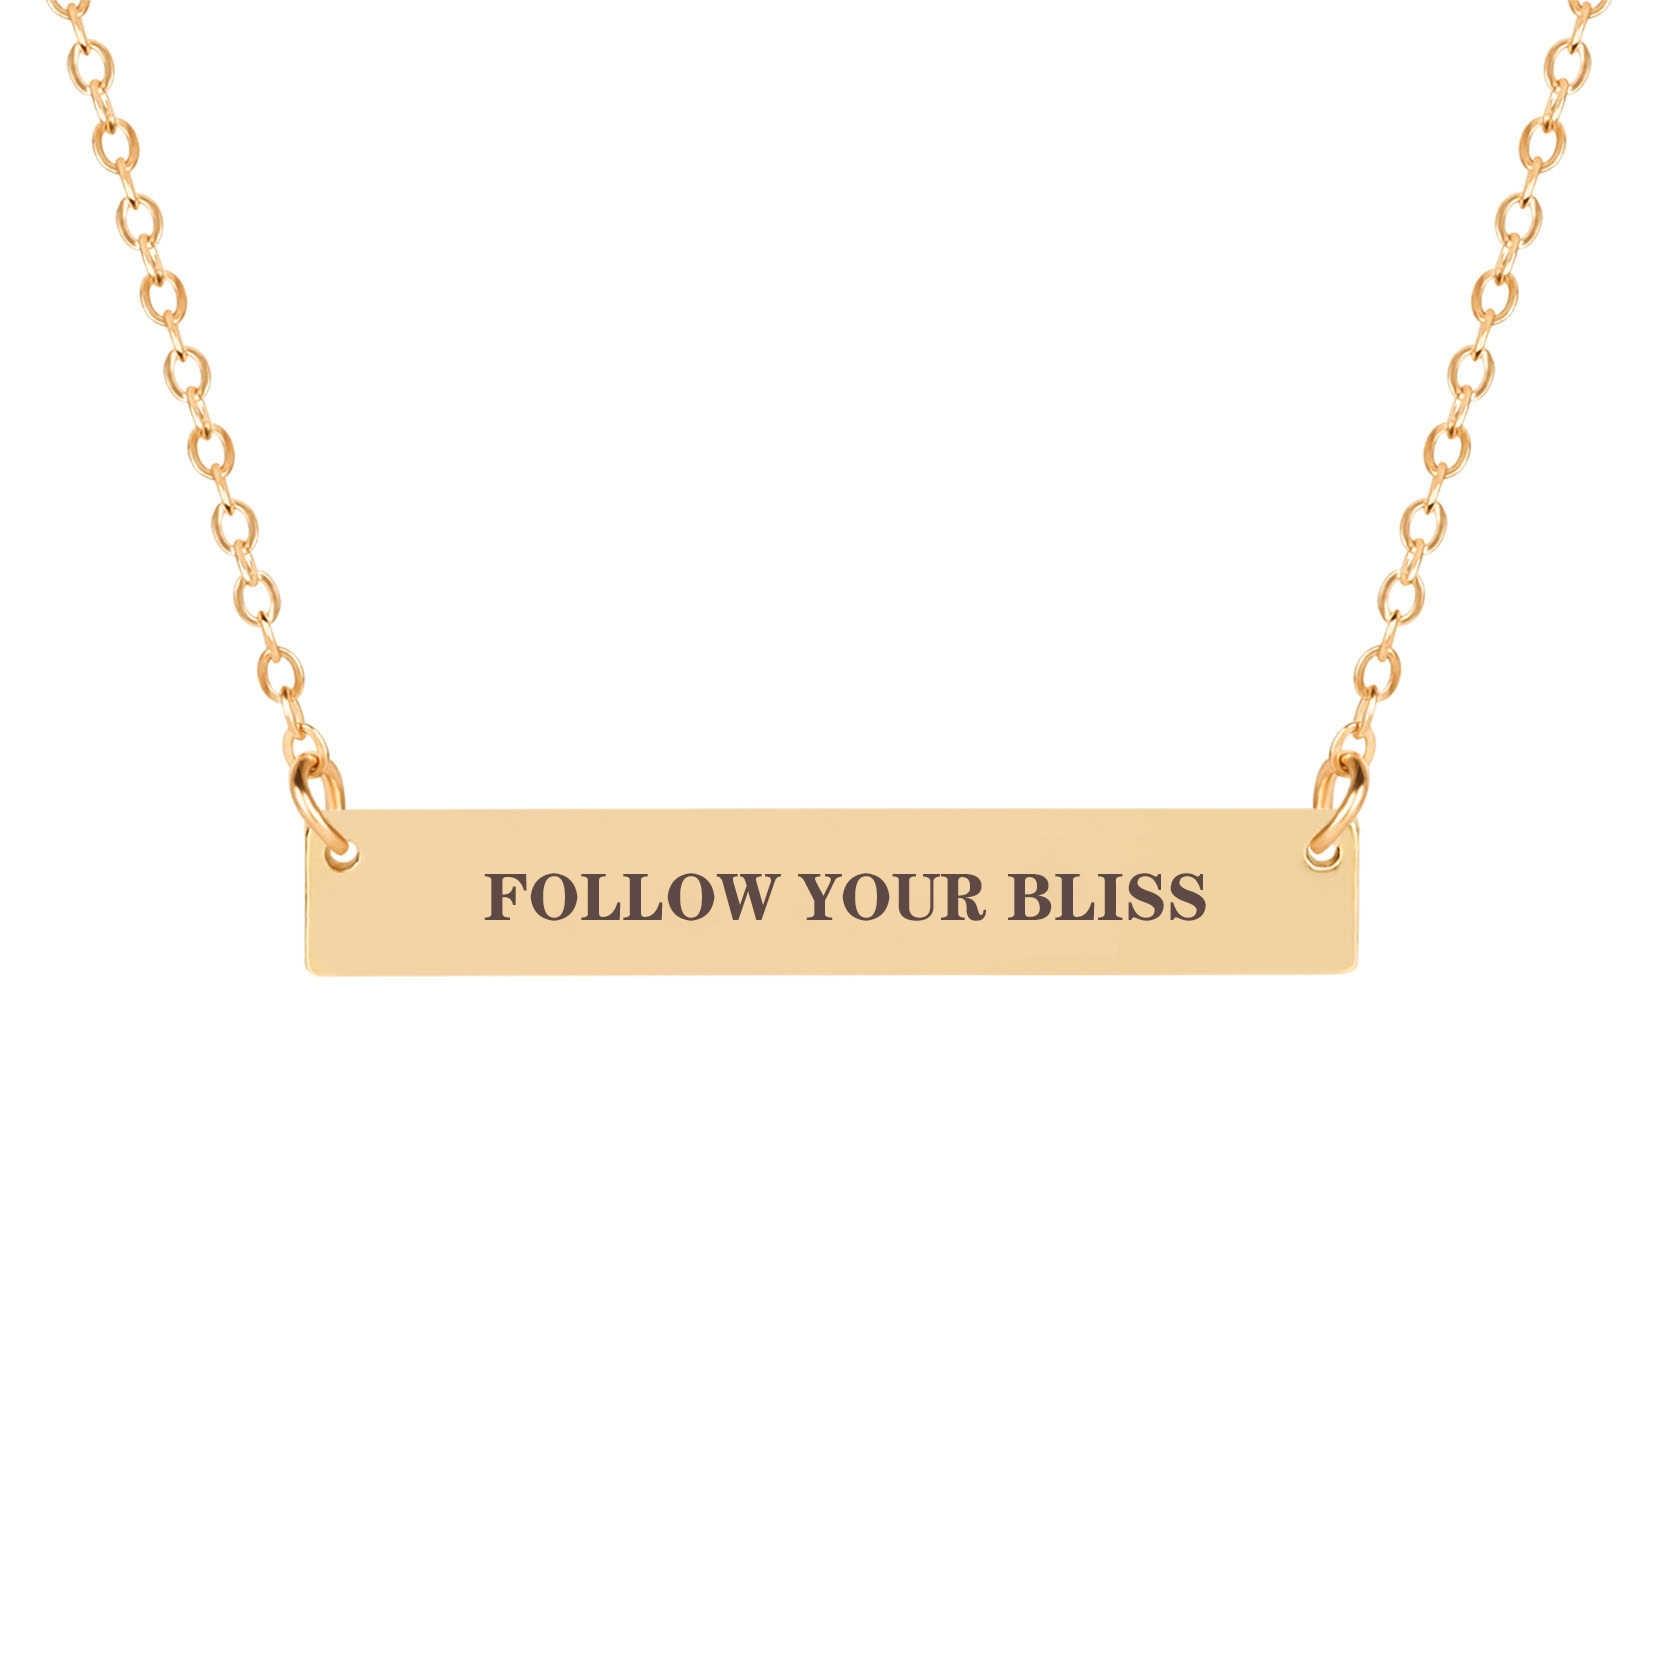 KCALOE ゴールドカラー幸運のネックレスチェーンレターペンダントネックレスのプレゼントのファッションチェーンネックレス奨励卒業ギフト